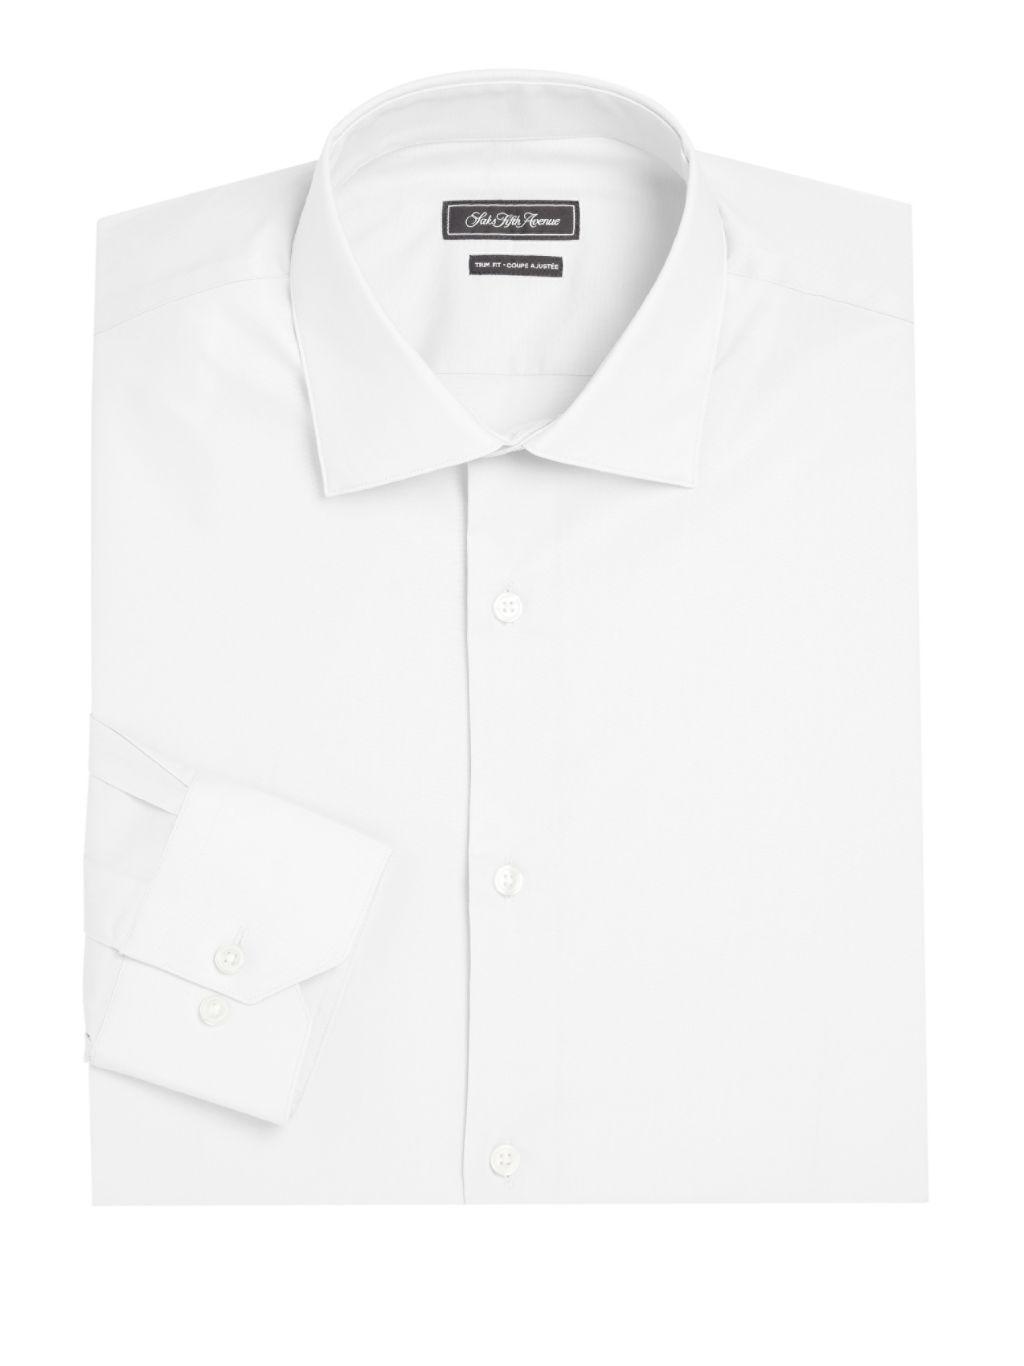 Saks Fifth Avenue COLLECTION Trim-Fit Cotton Dress Shirt